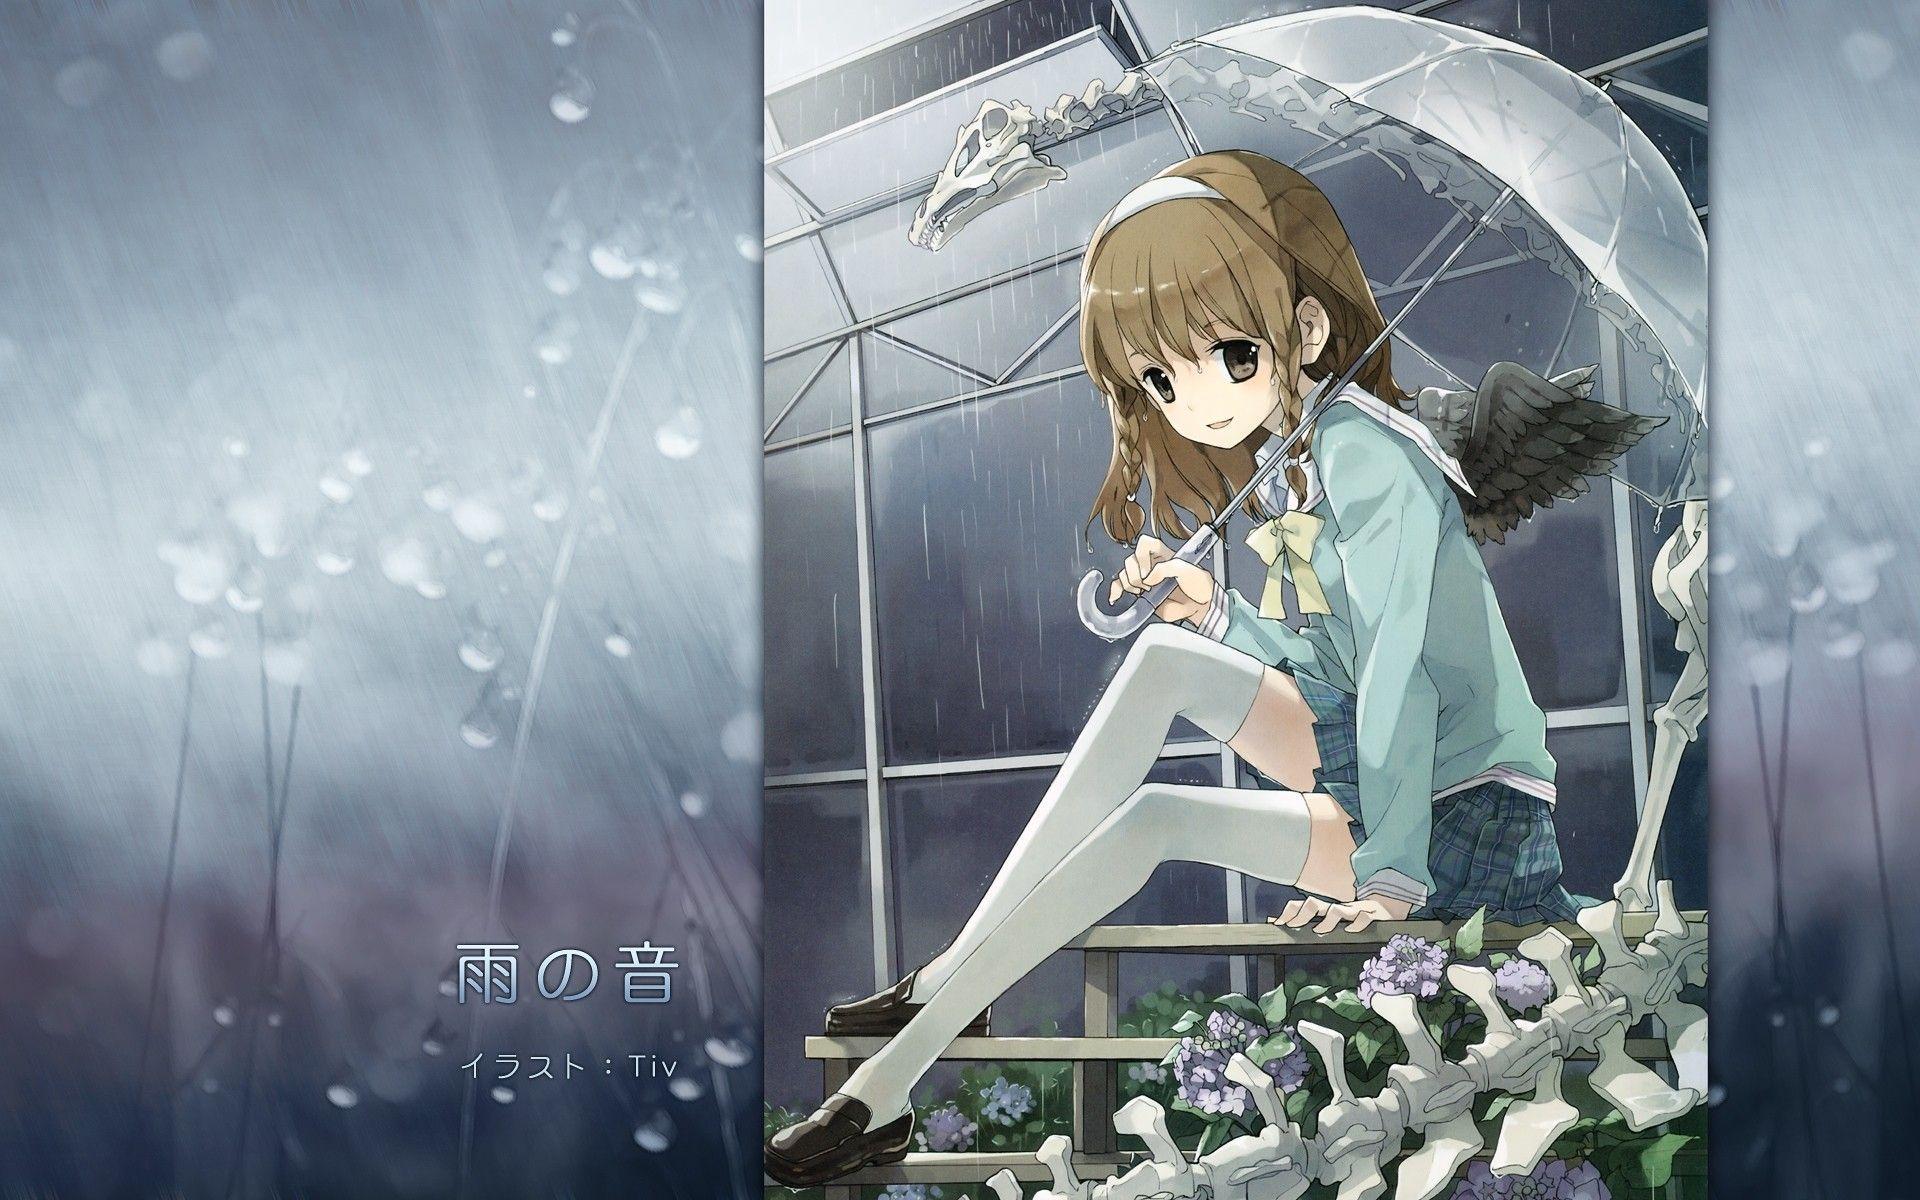 resultado de imagem para boy and girl in rain anime hd anime wallpapers girl in rain